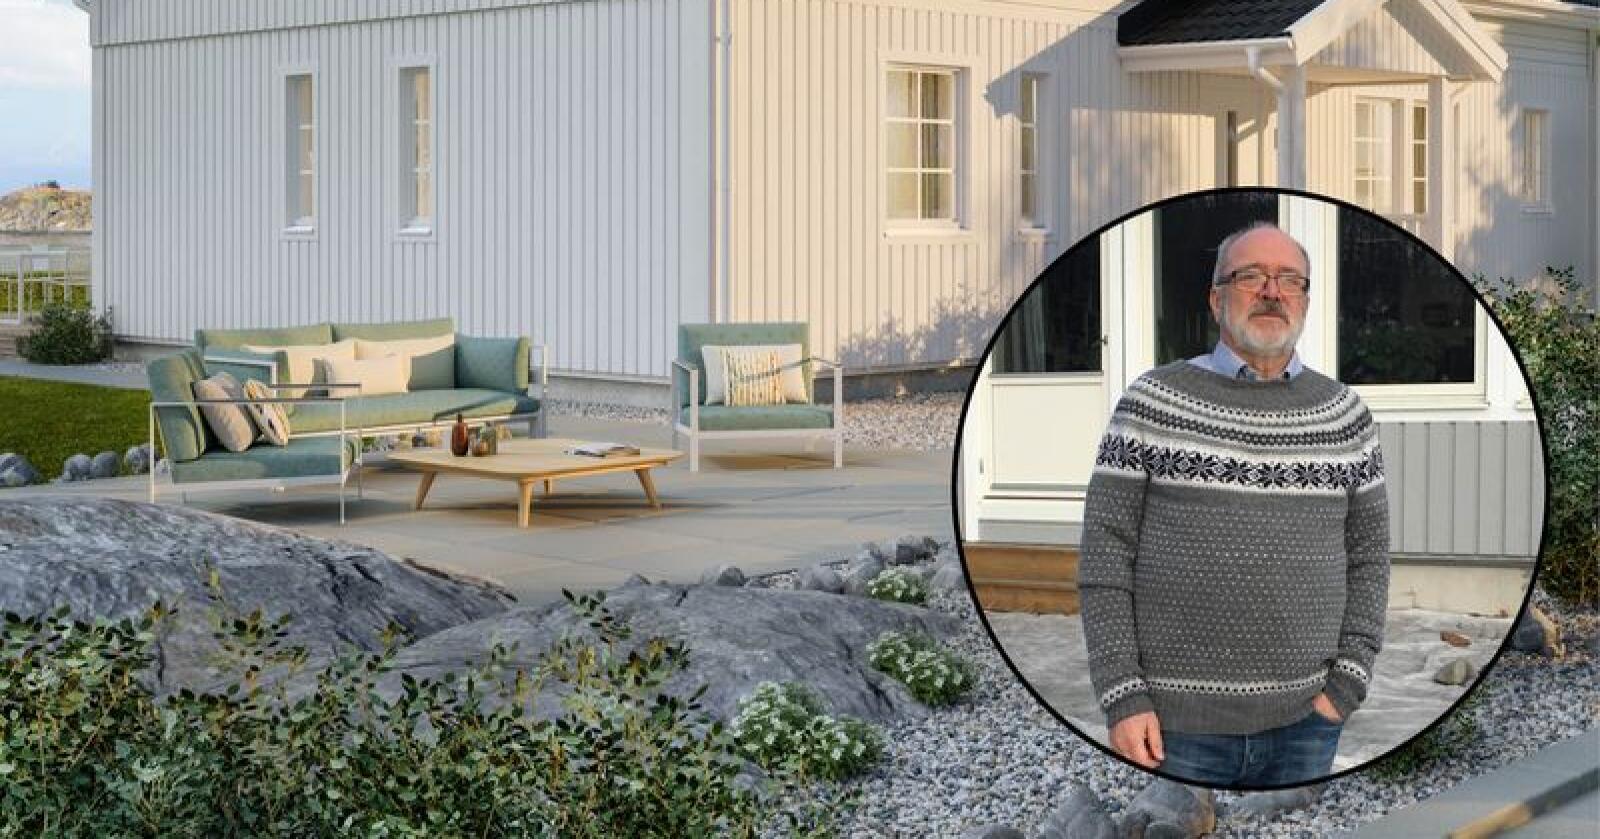 Illustrasjonsfoto av husmodellen Astrid. Huseier Svein Losnegård innfelt. (Foto: privat)